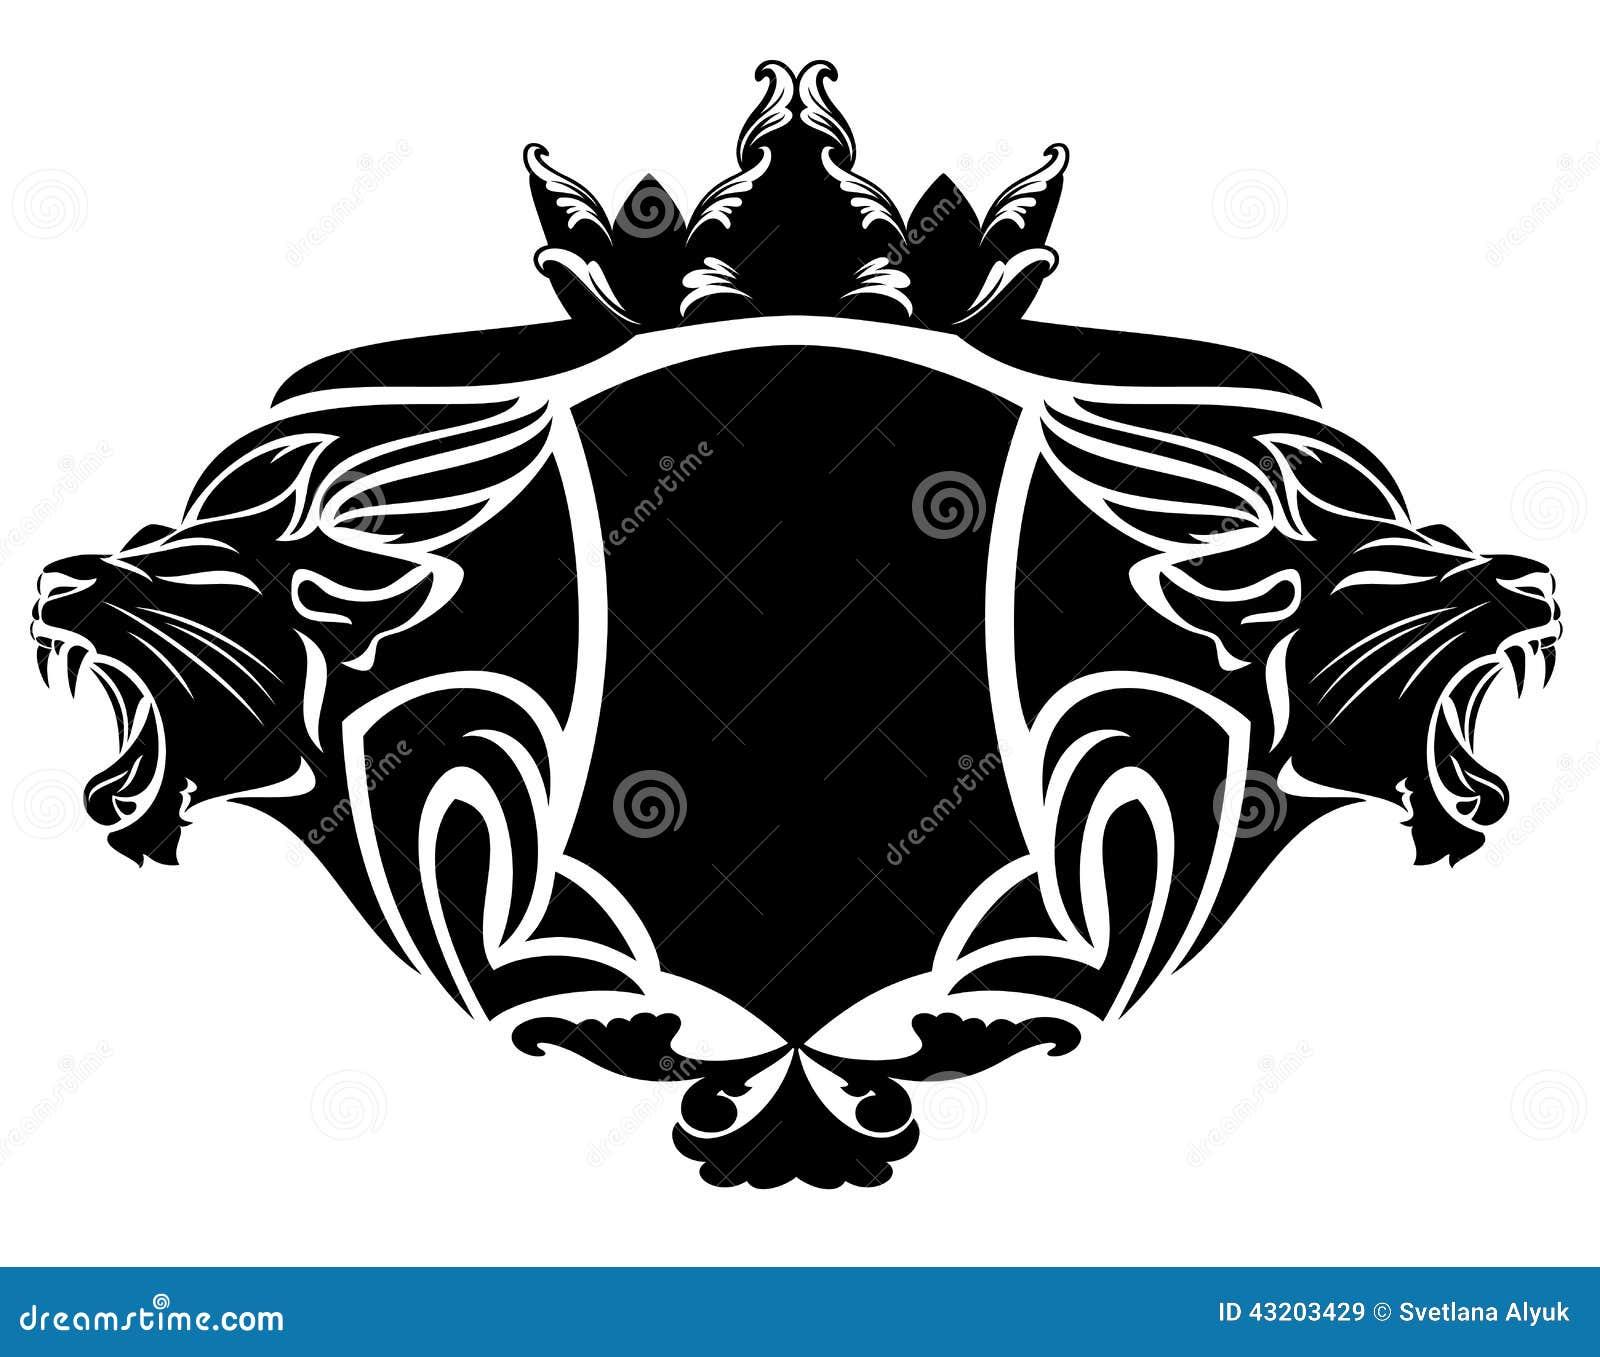 Download Lejonheraldik vektor illustrationer. Illustration av heraldiskt - 43203429